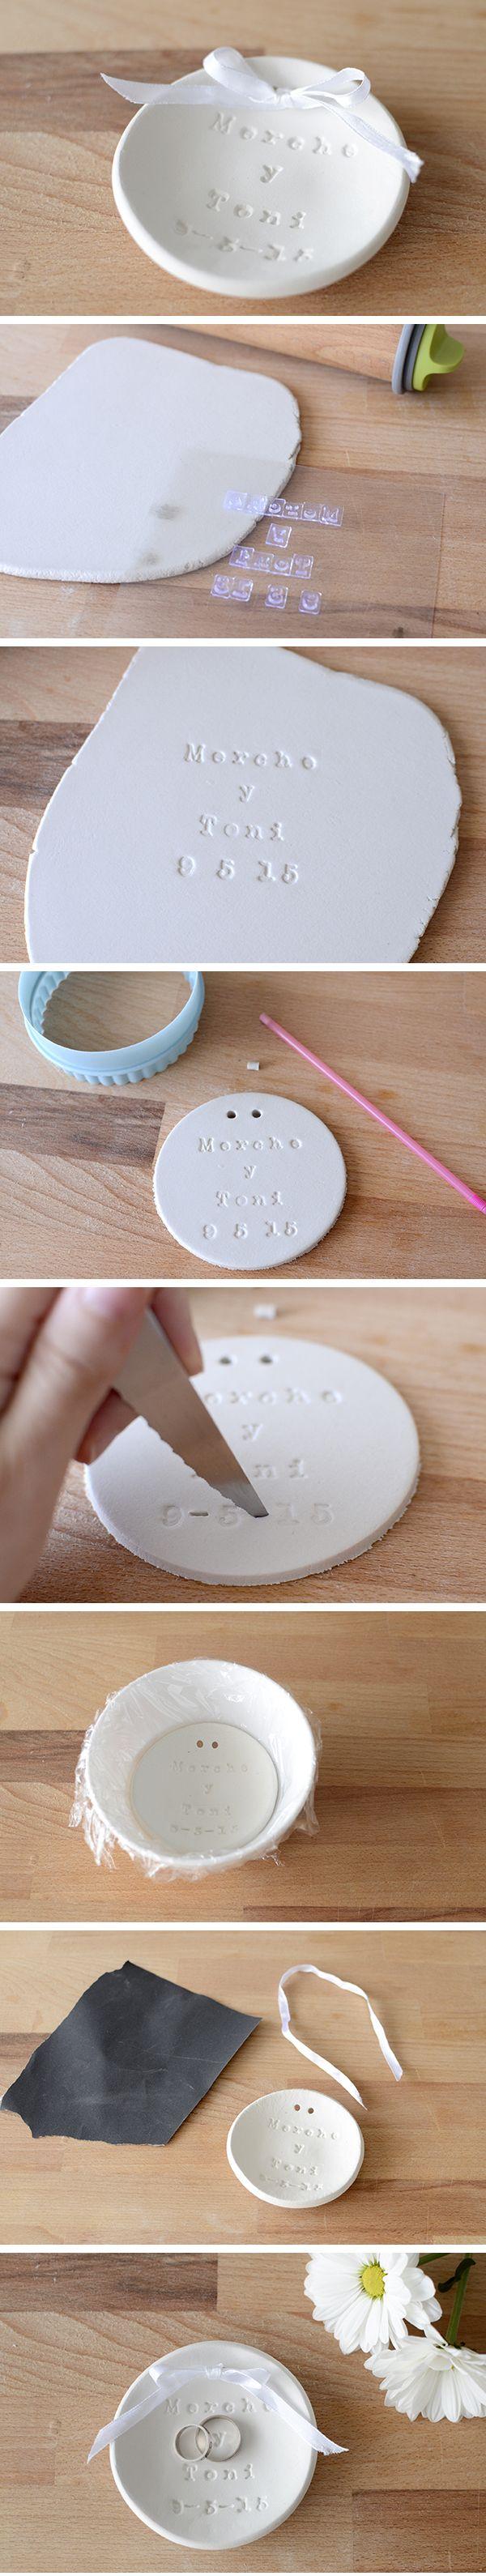 DIY: wedding ring dish with air dry clay - DIY: platito porta-alianzas con pasta de modelar                                                                                                                                                                                 Más